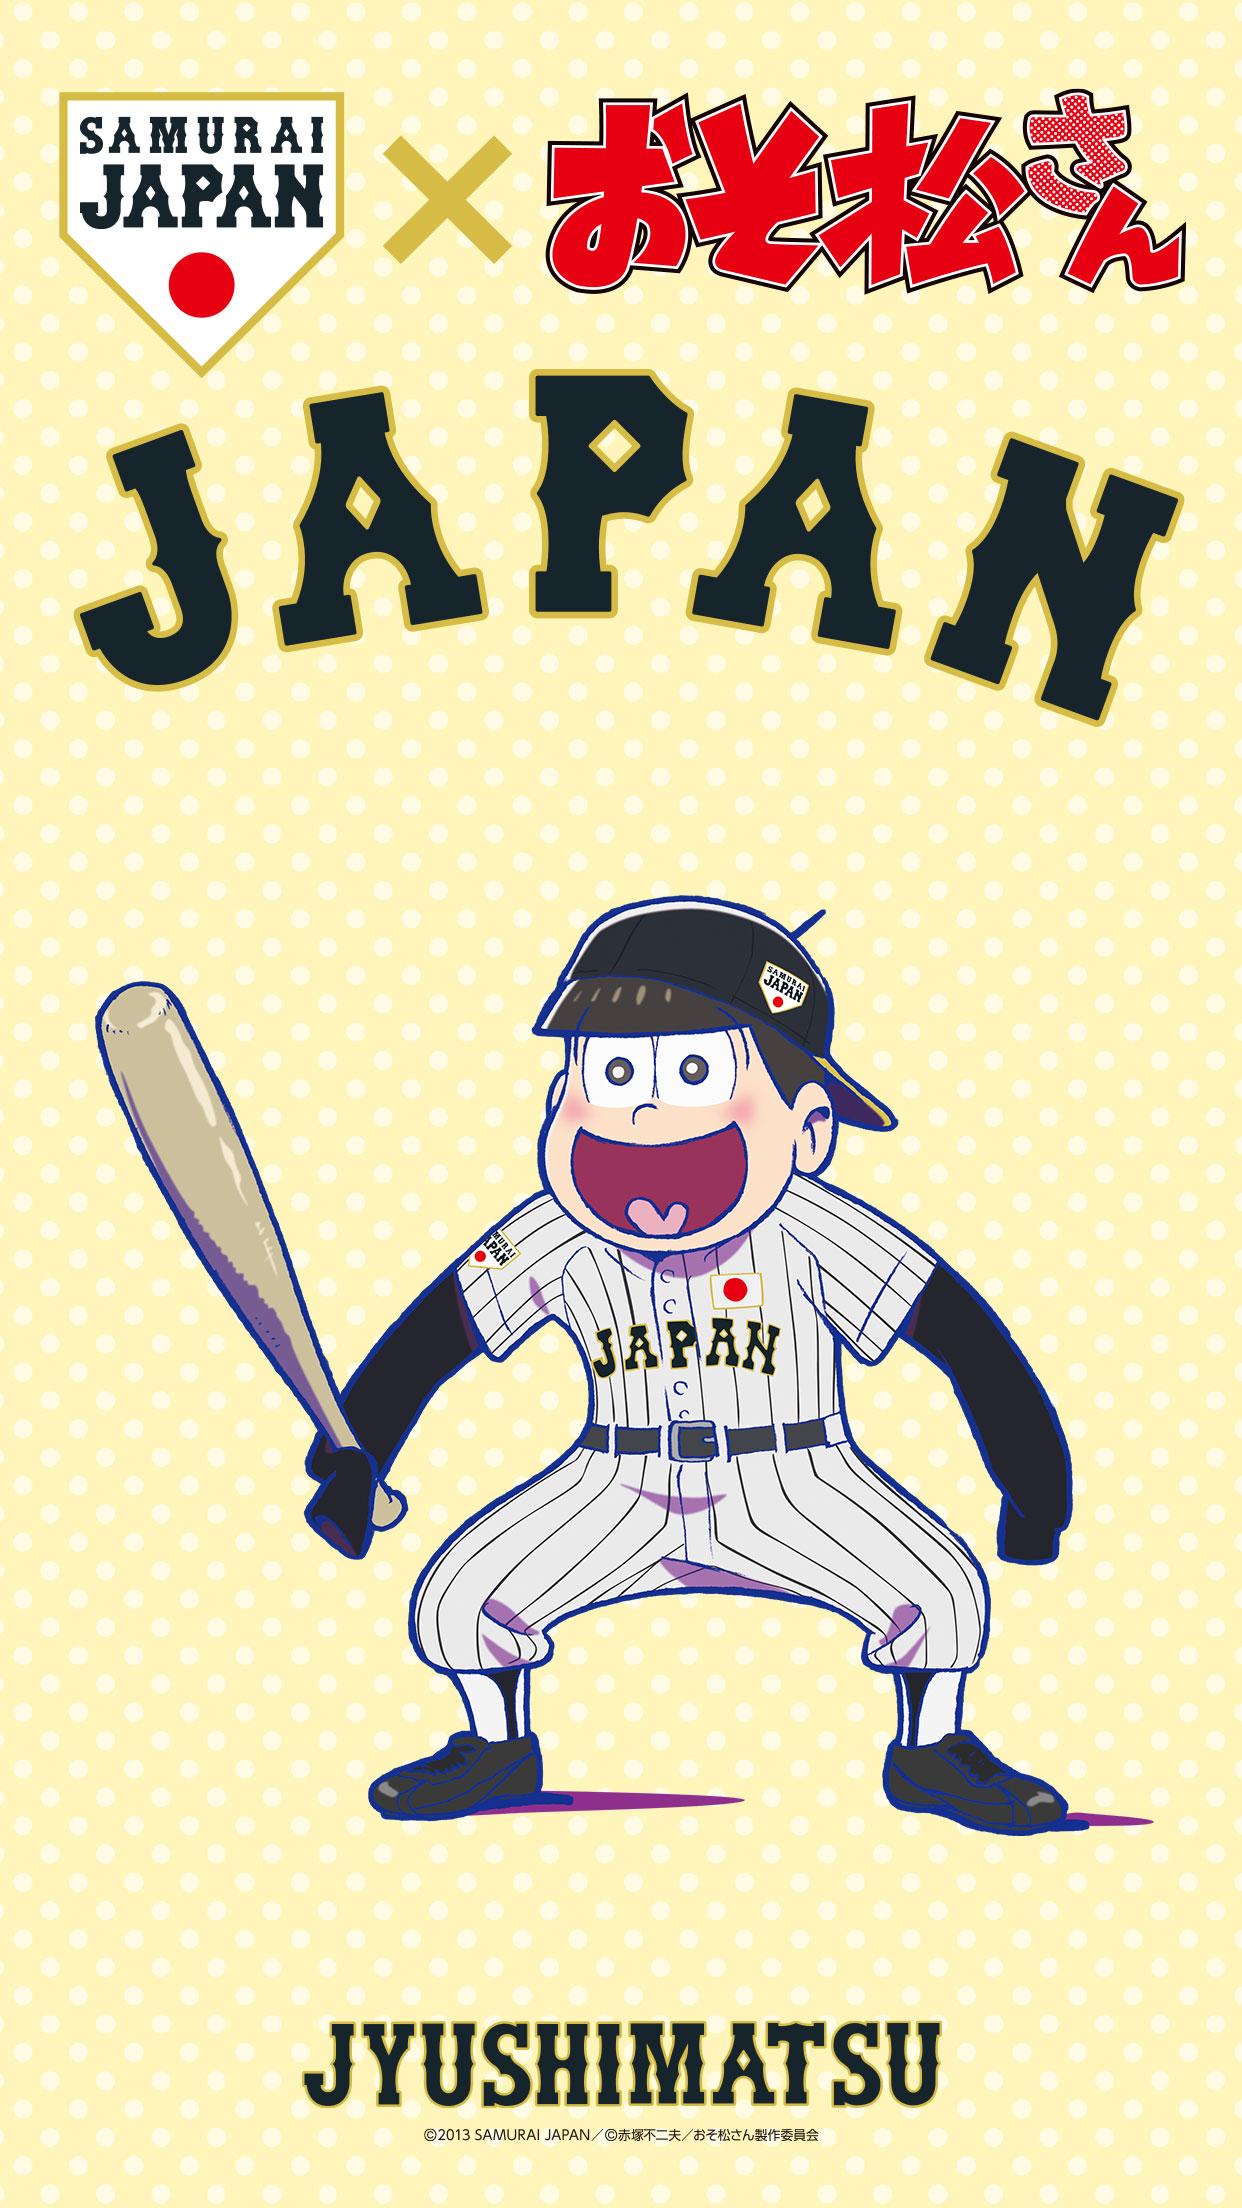 3月5日ナゴヤドーム オリジナル待ち受けプレゼント アイコトバ 侍ジャパン キャンペーン